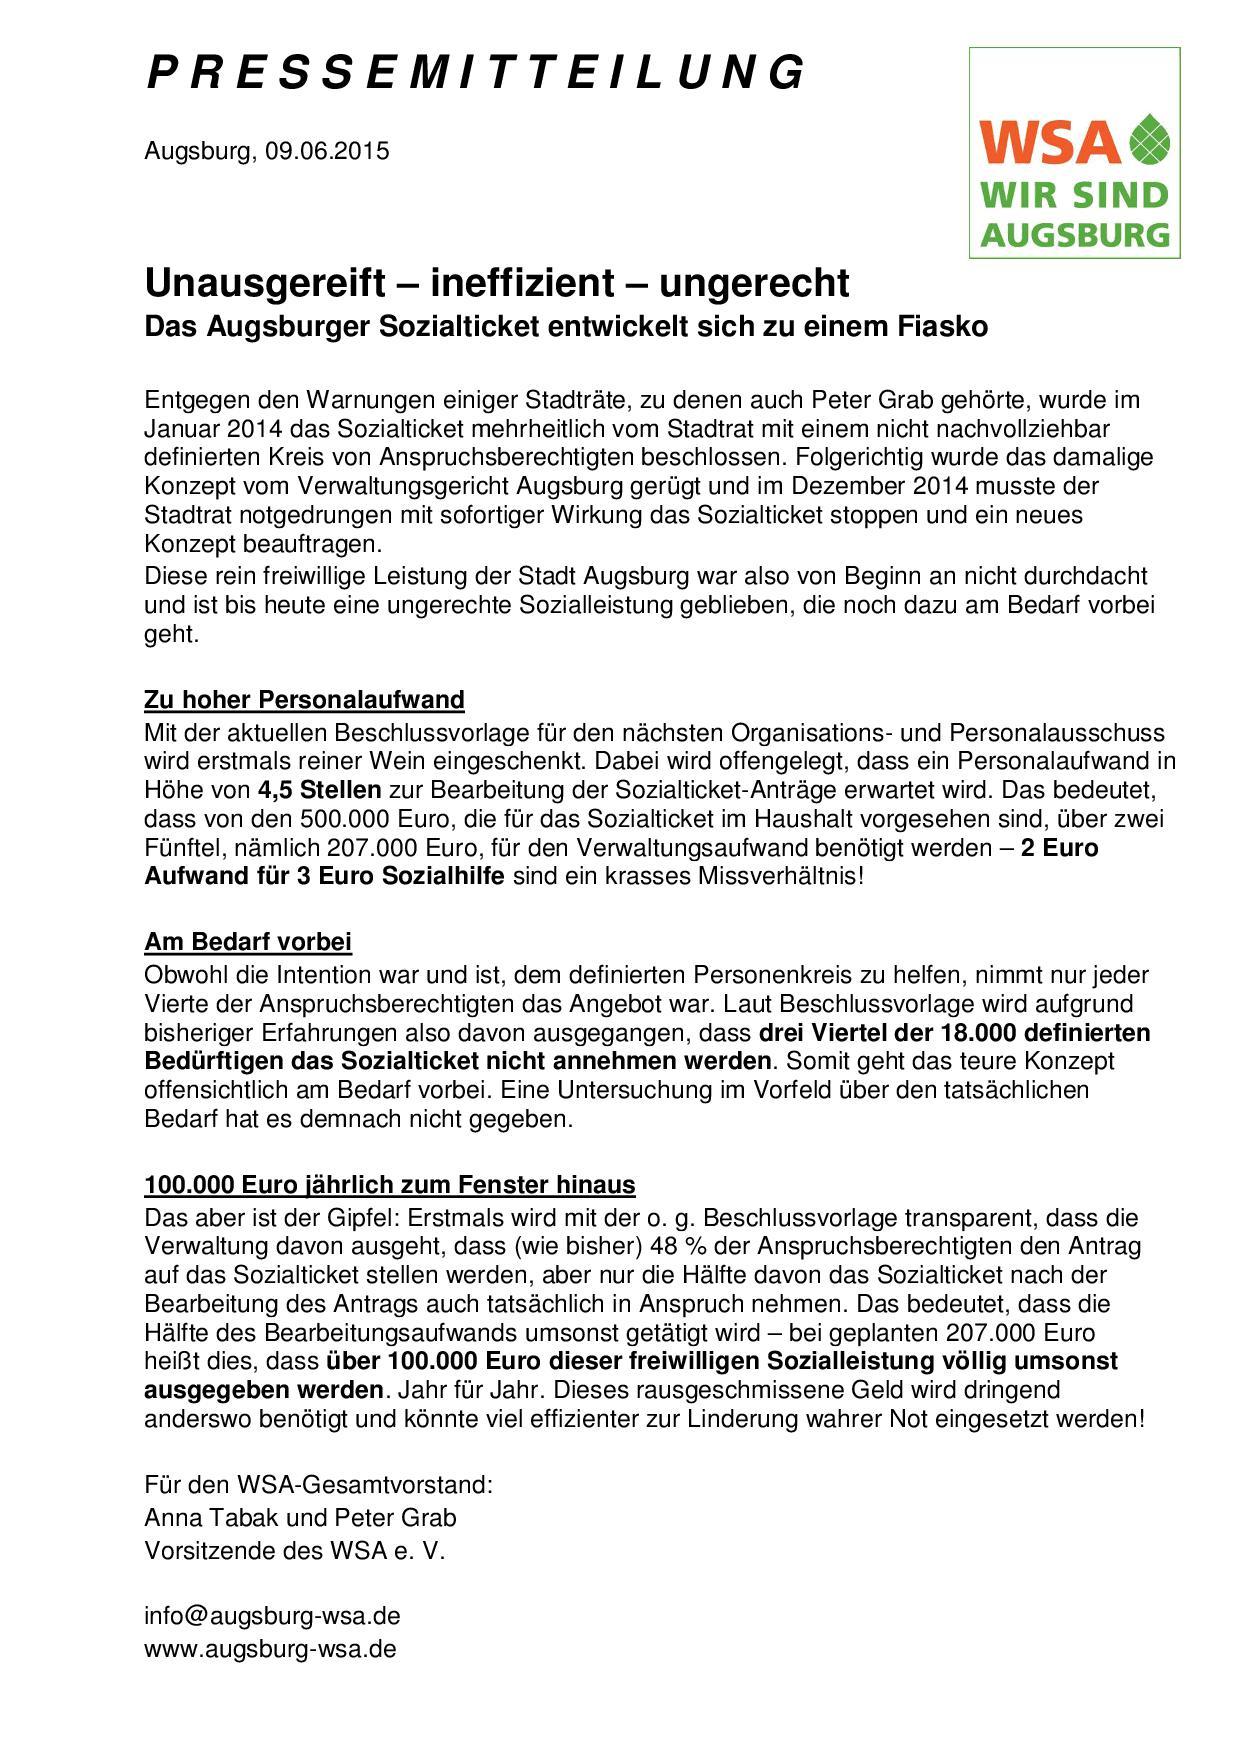 WSA-Pressemitteilung vom 09.06.2015 zum Sozialticket-001